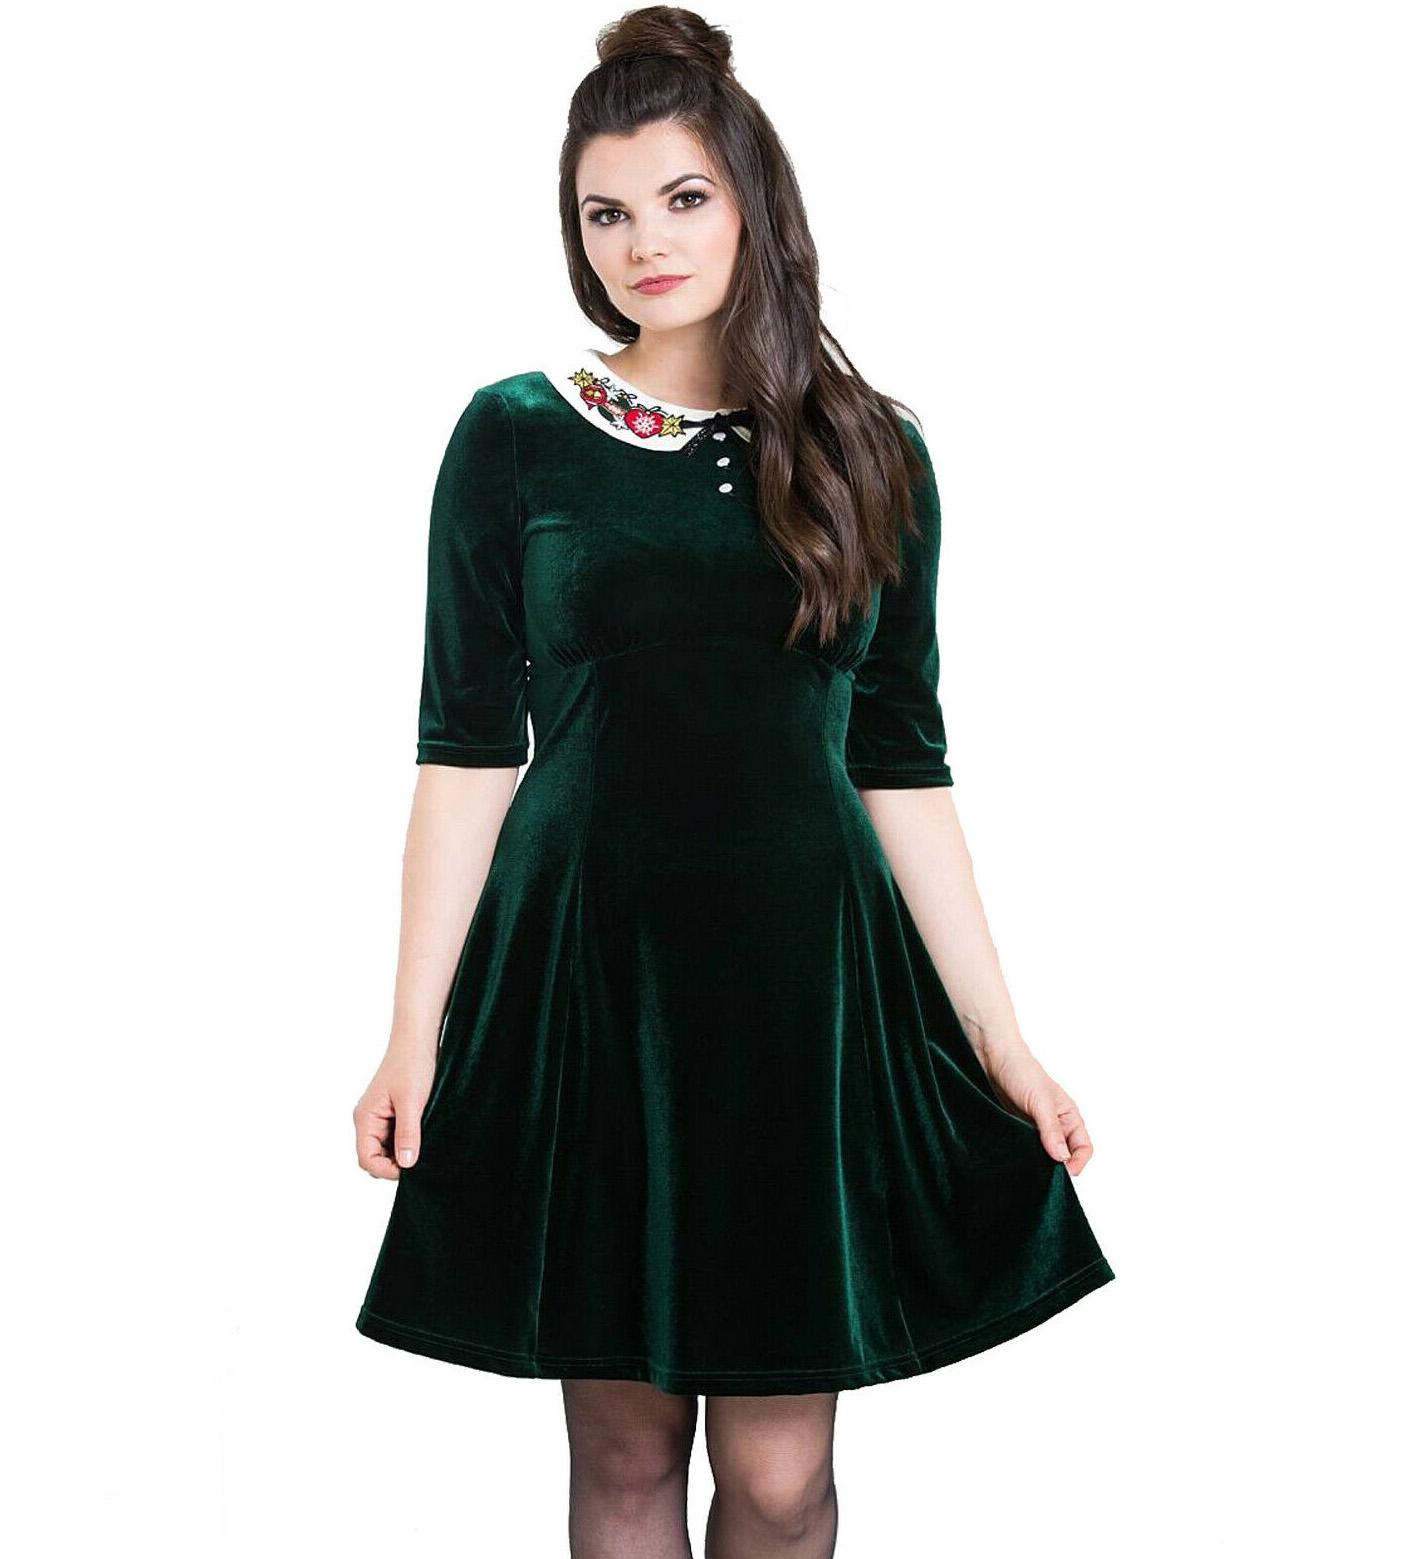 Hell-Bunny-Mini-Skater-Dress-Festive-Christmas-NICOLA-Green-Velvet-All-Sizes thumbnail 19